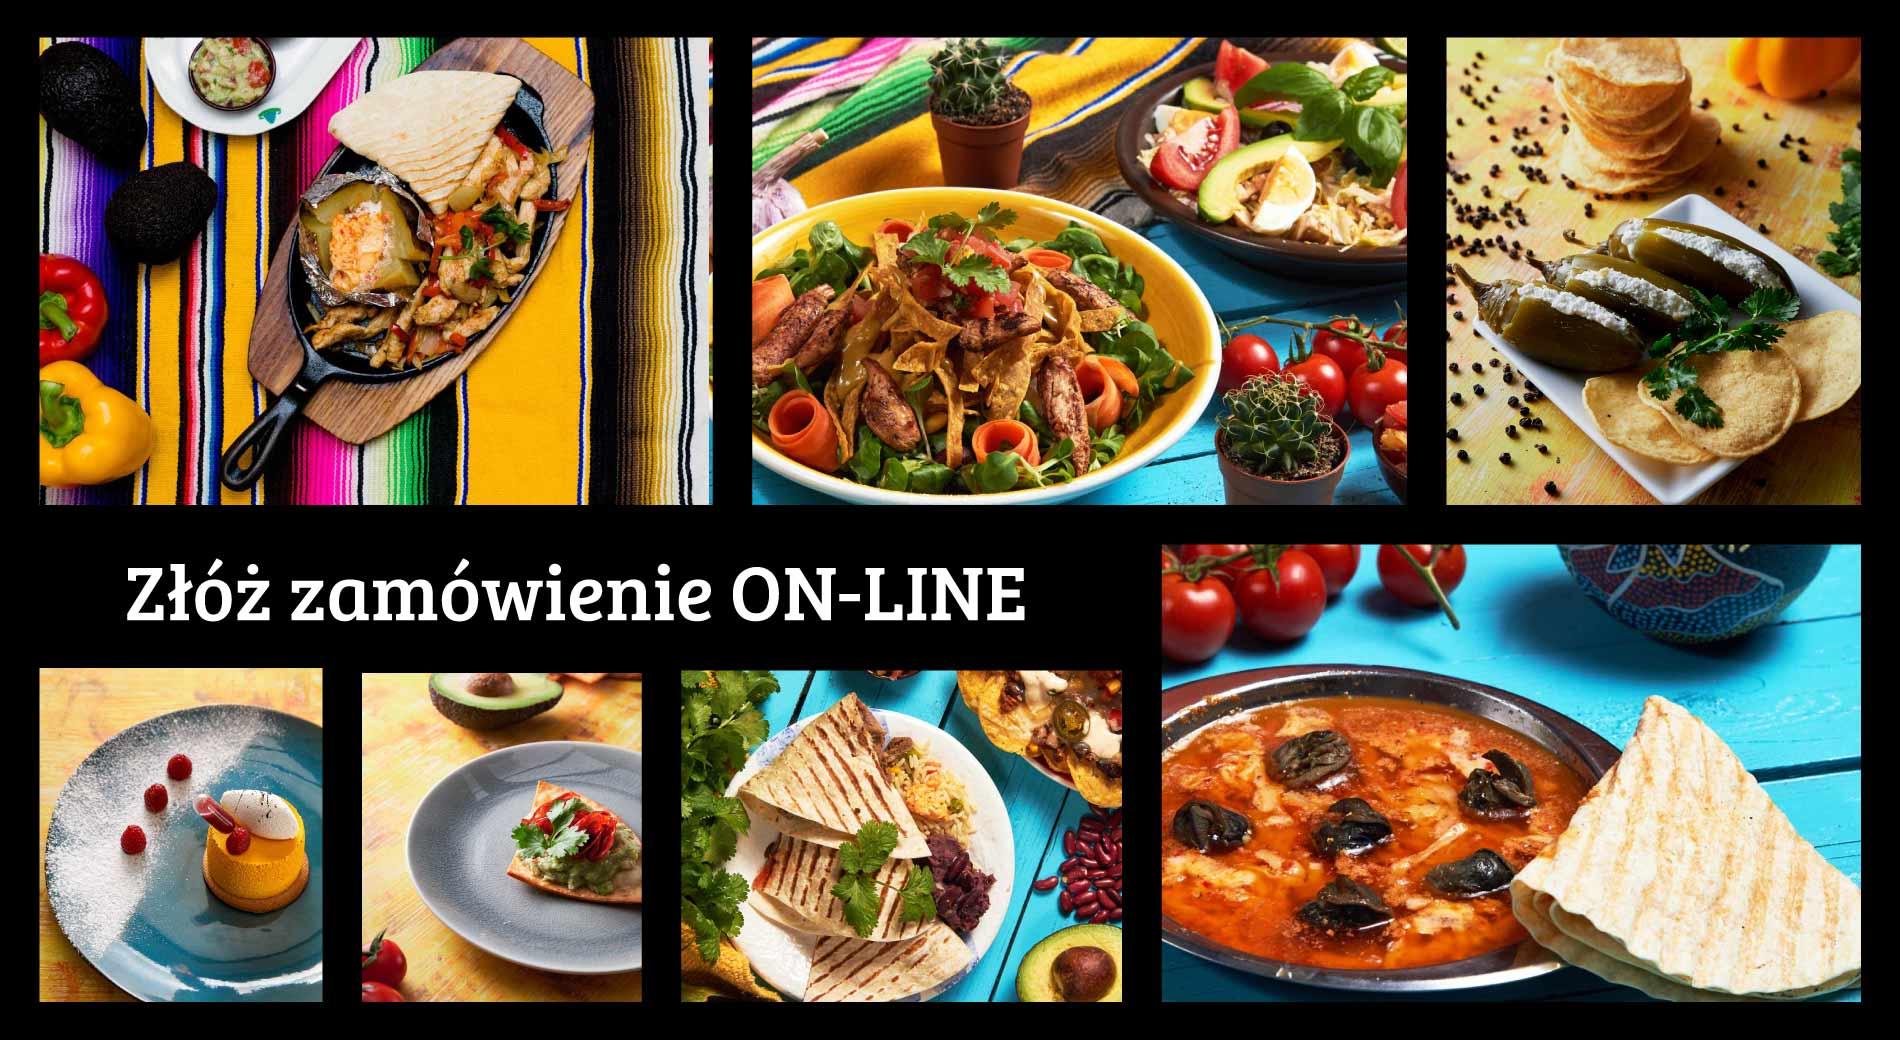 Kliknij i przejdź do menu on-line